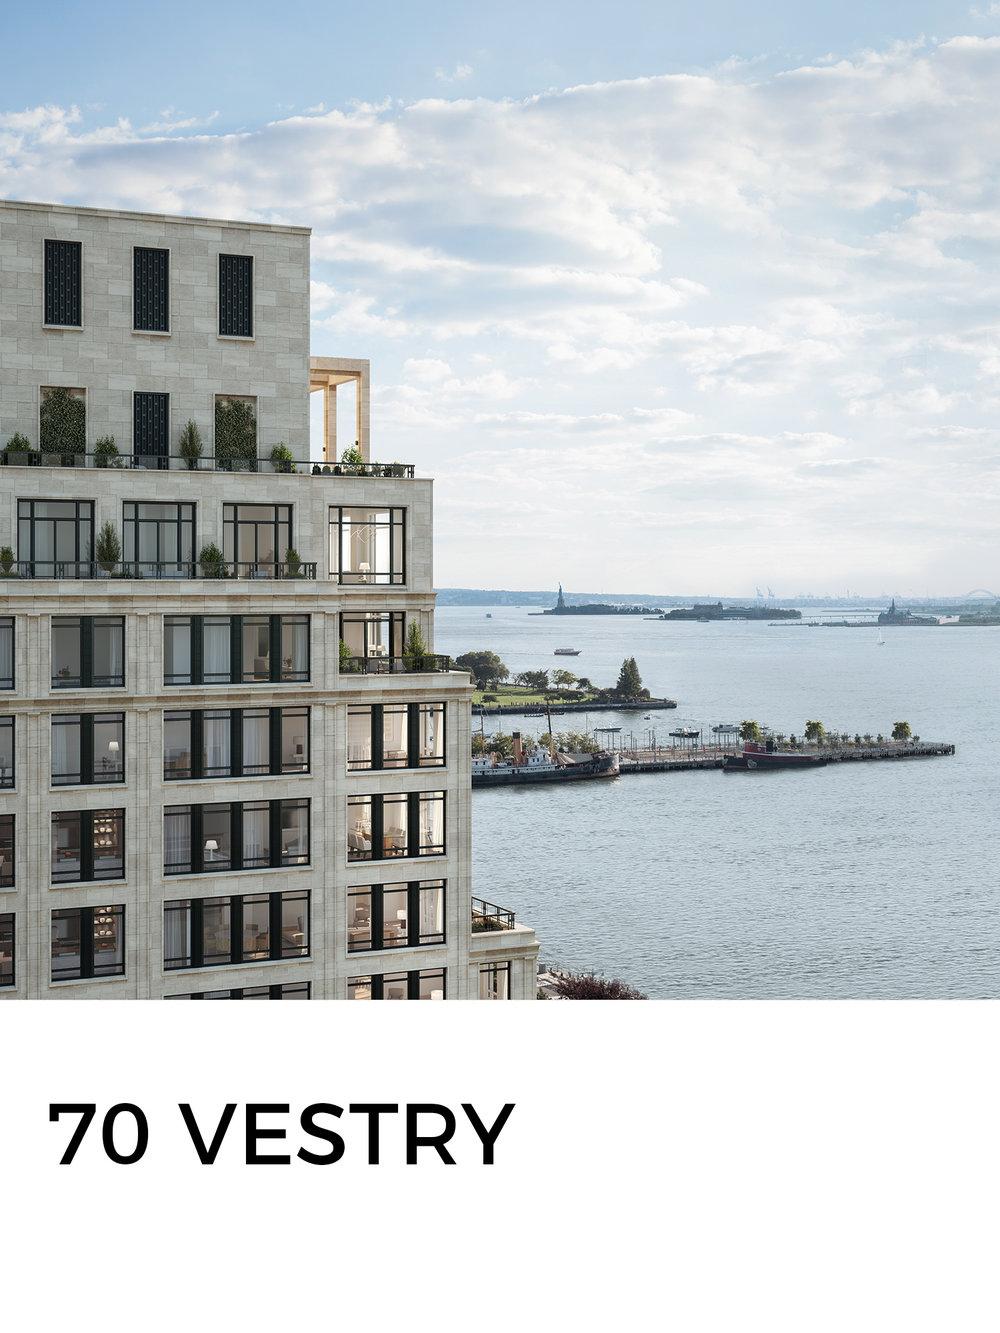 70 VESTRY